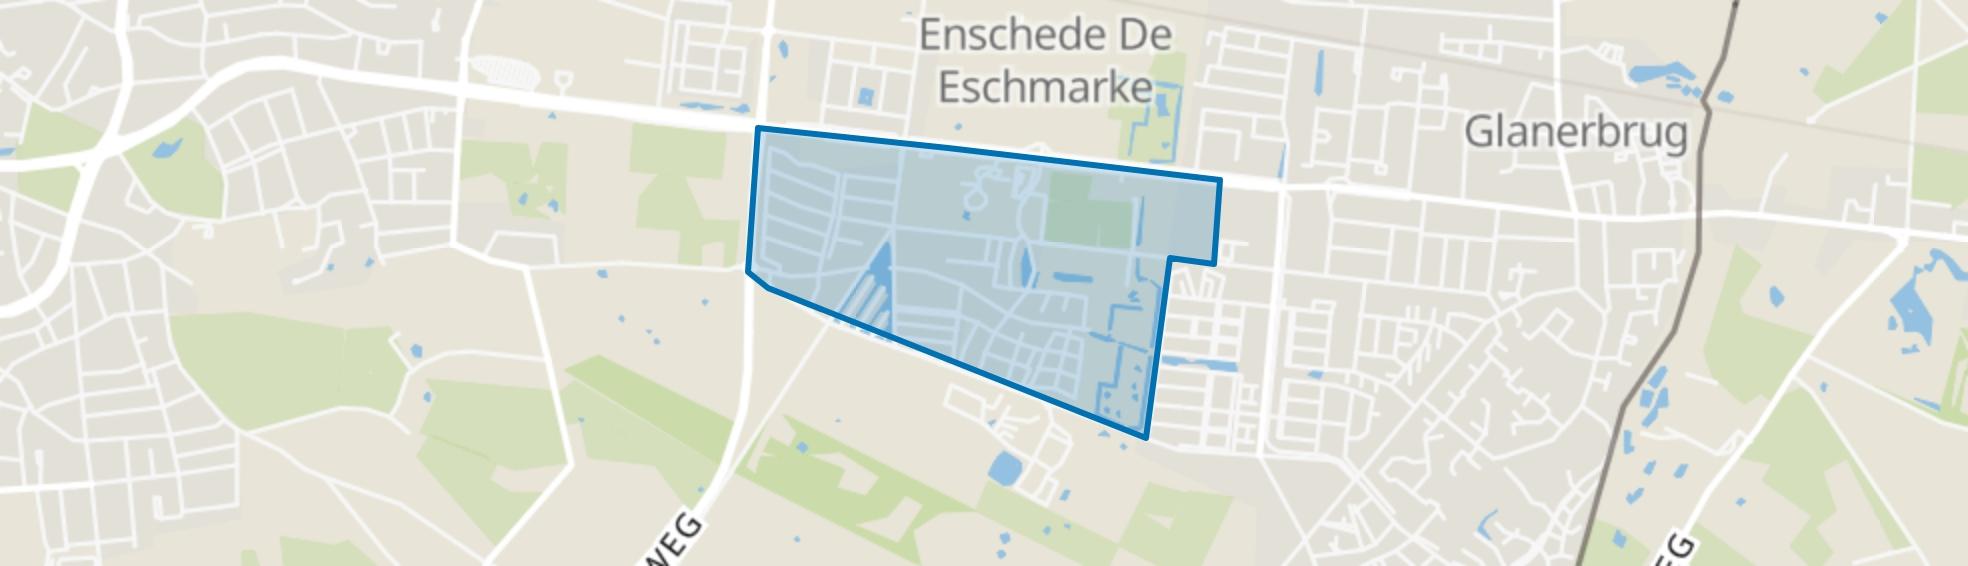 Eekmaat West, Enschede map